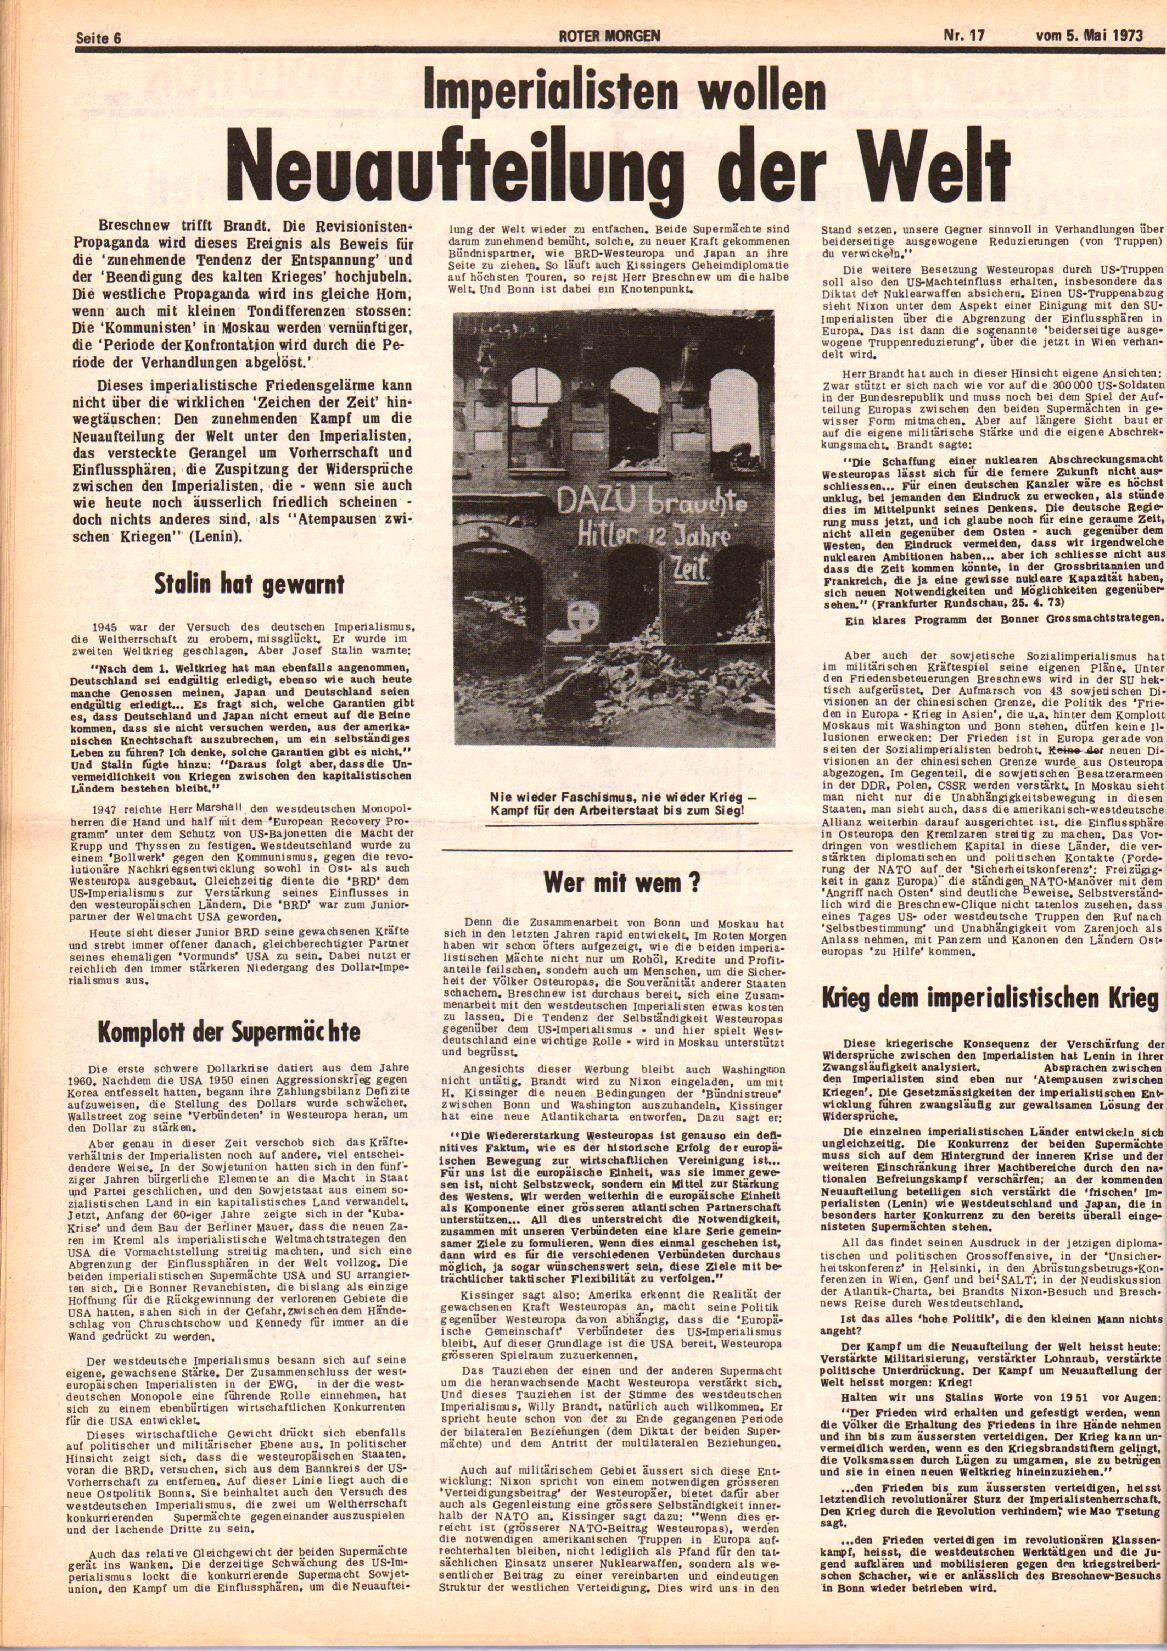 Roter Morgen, 7. Jg., 5. Mai 1973, Nr. 17, Seite 6